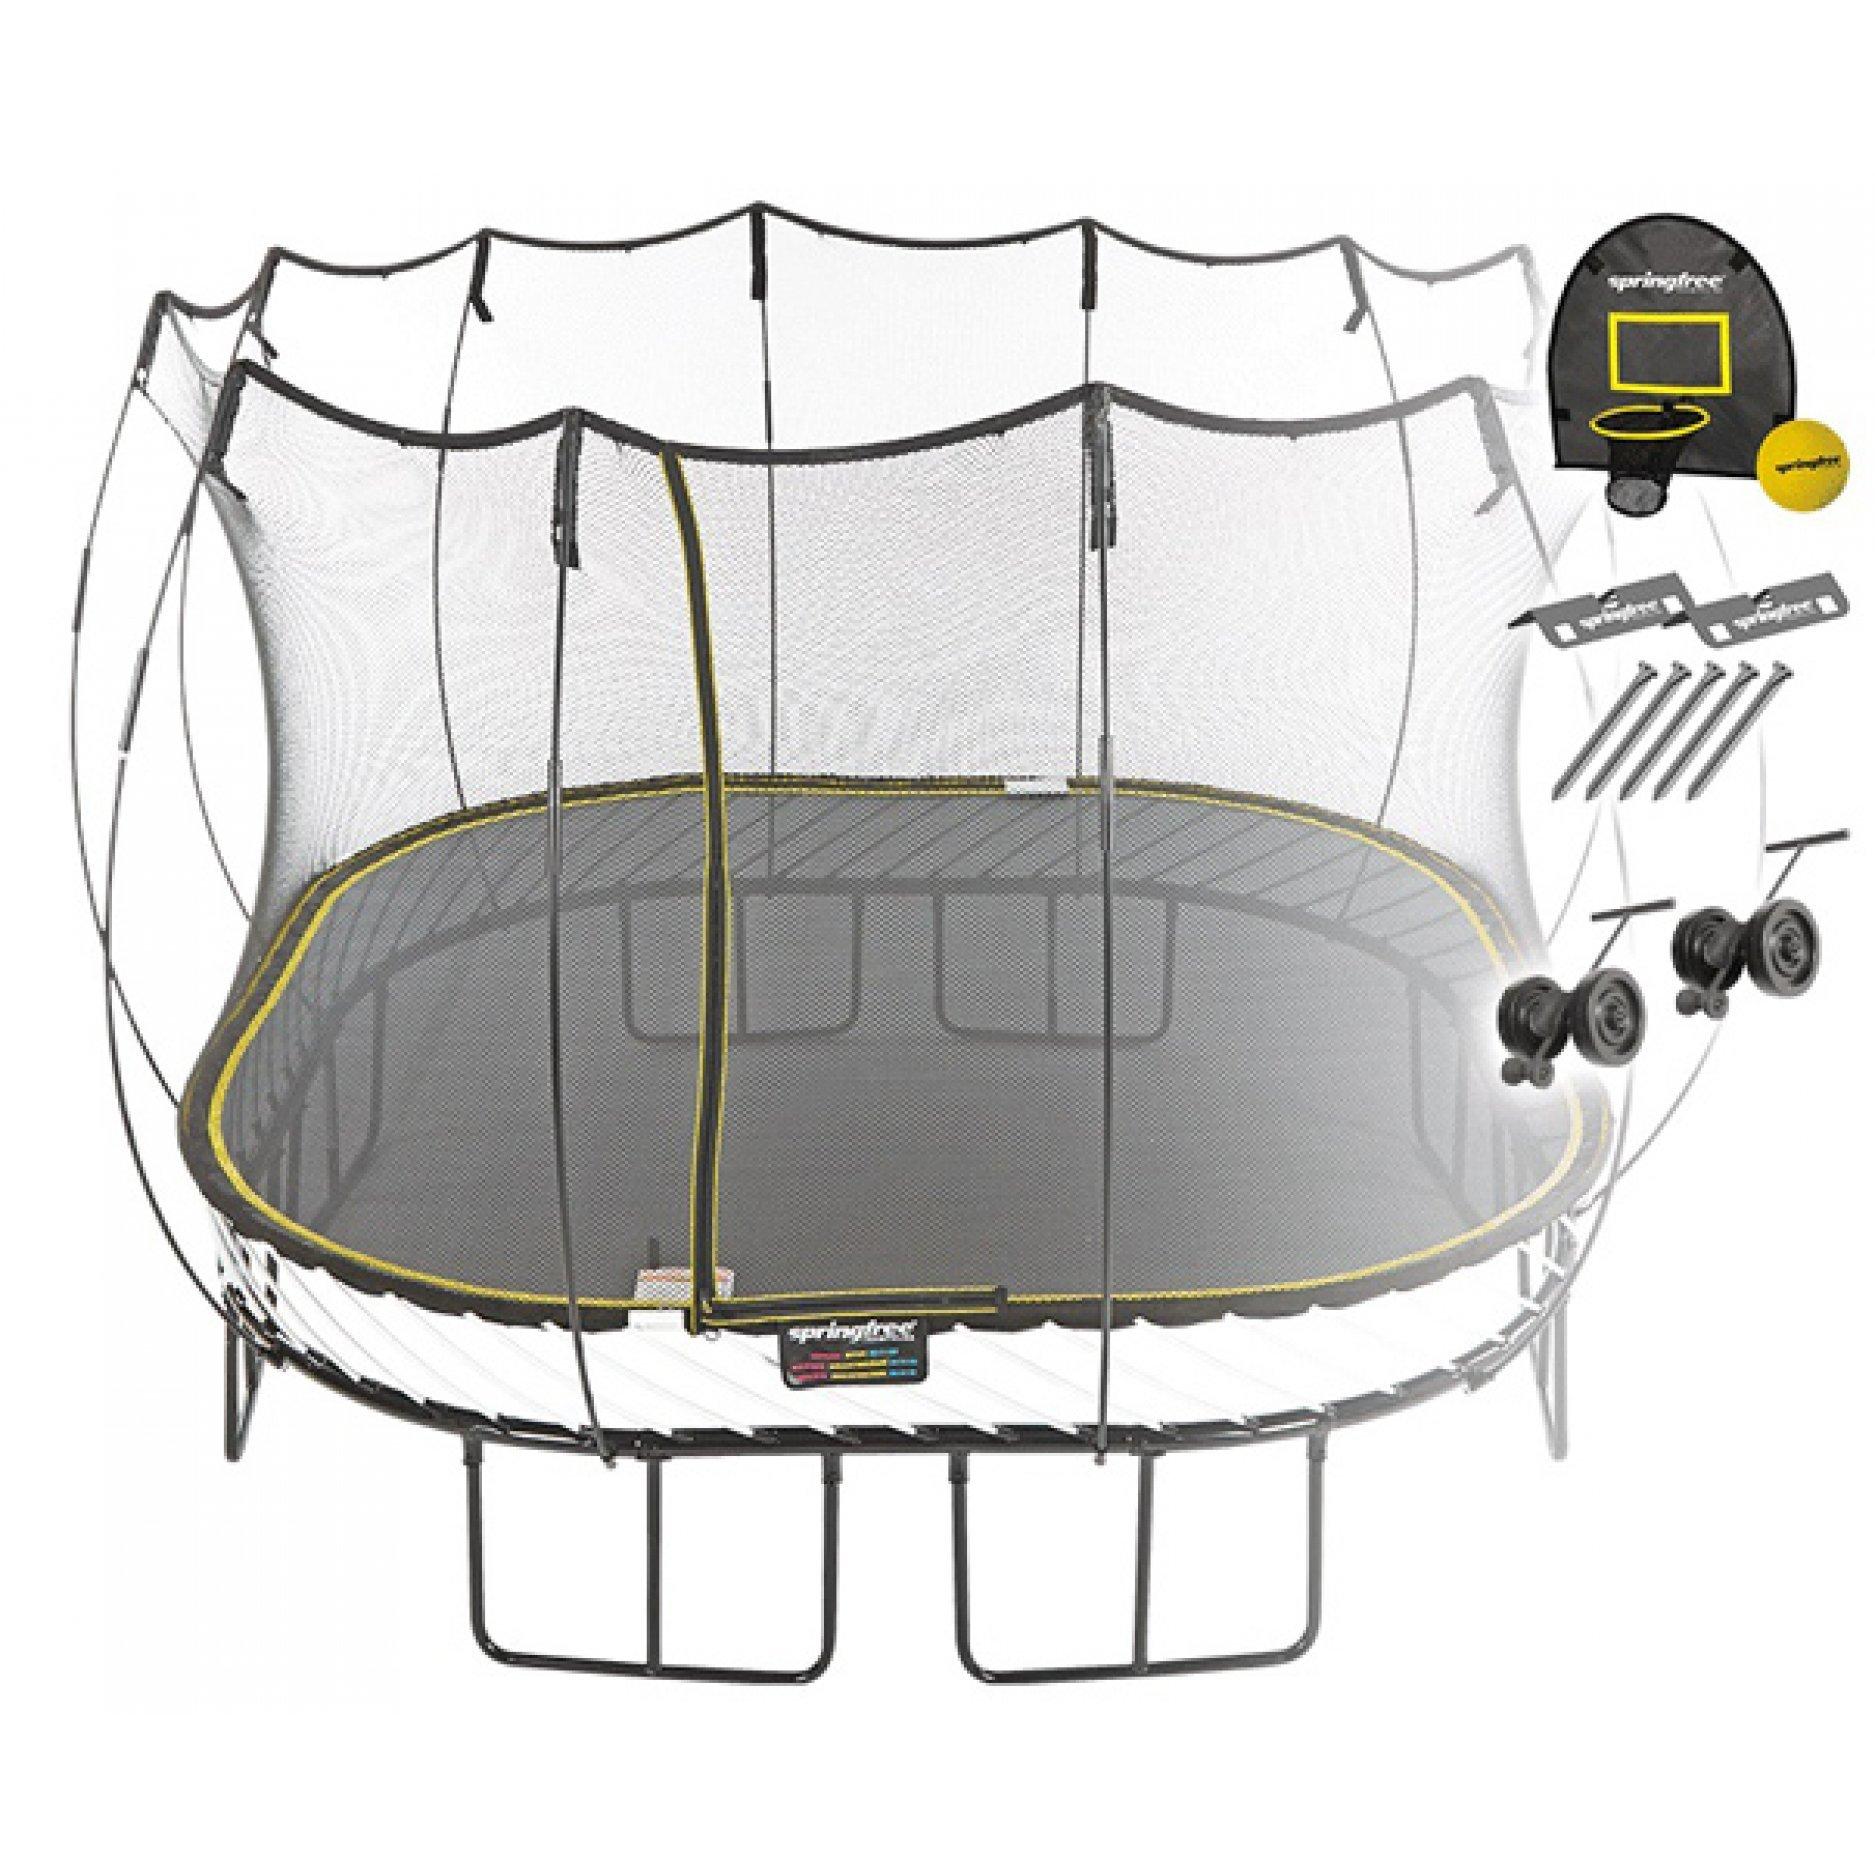 Батут квадратный Springfree S113 HAW с корзиной для мяча, фиксаторами и колесиками